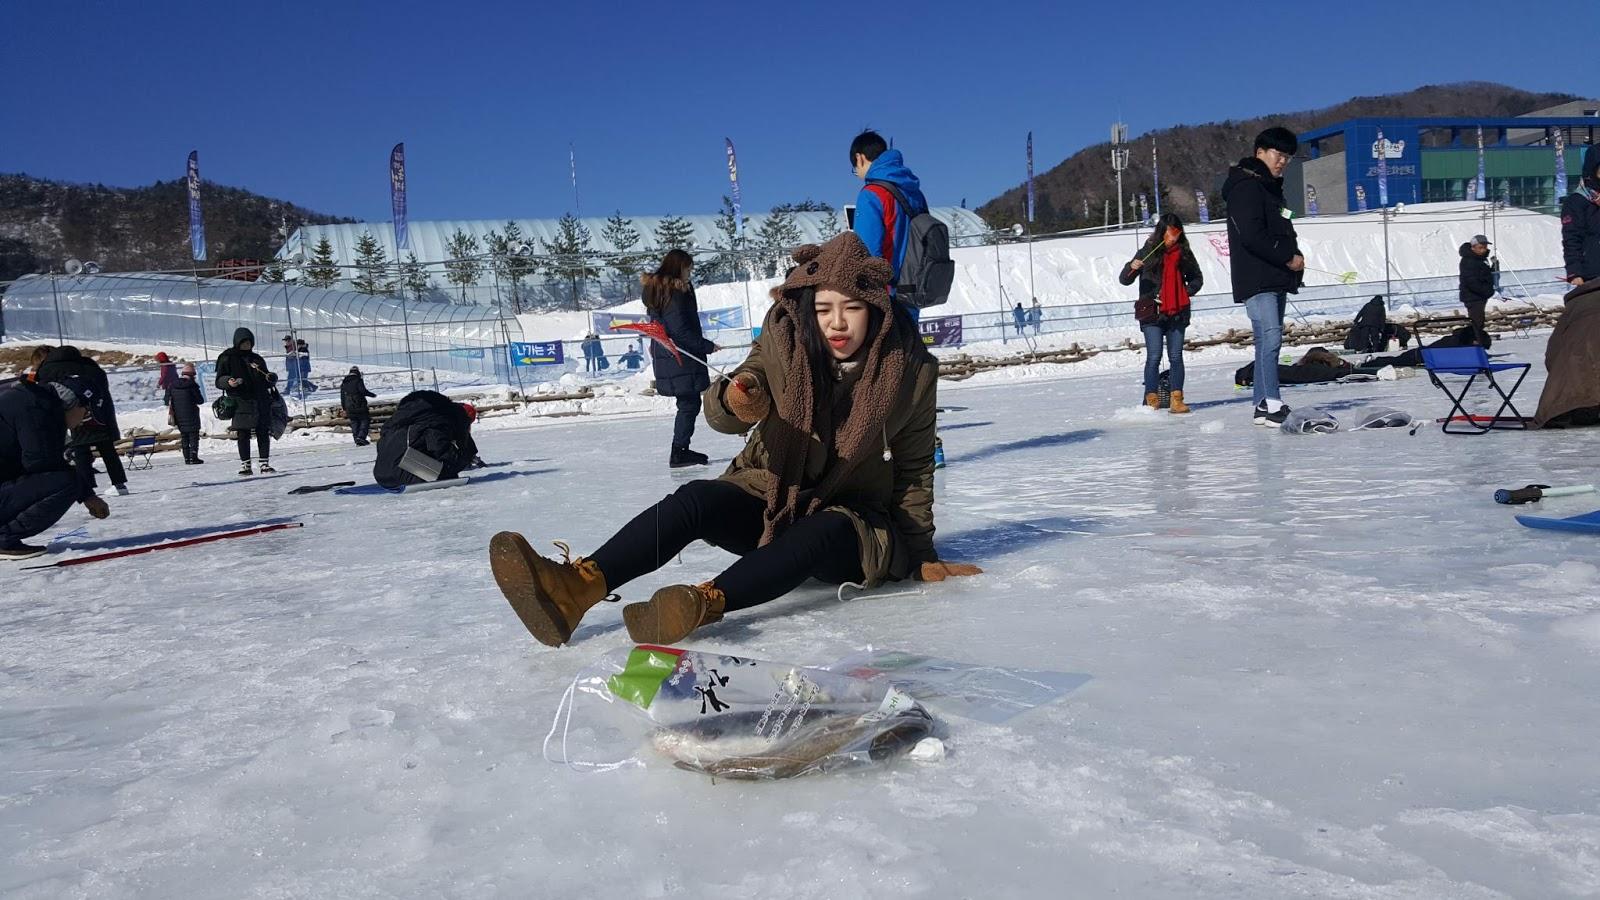 ทัวร์เกาหลีหน้าหนาว เที่ยวเกาหลี